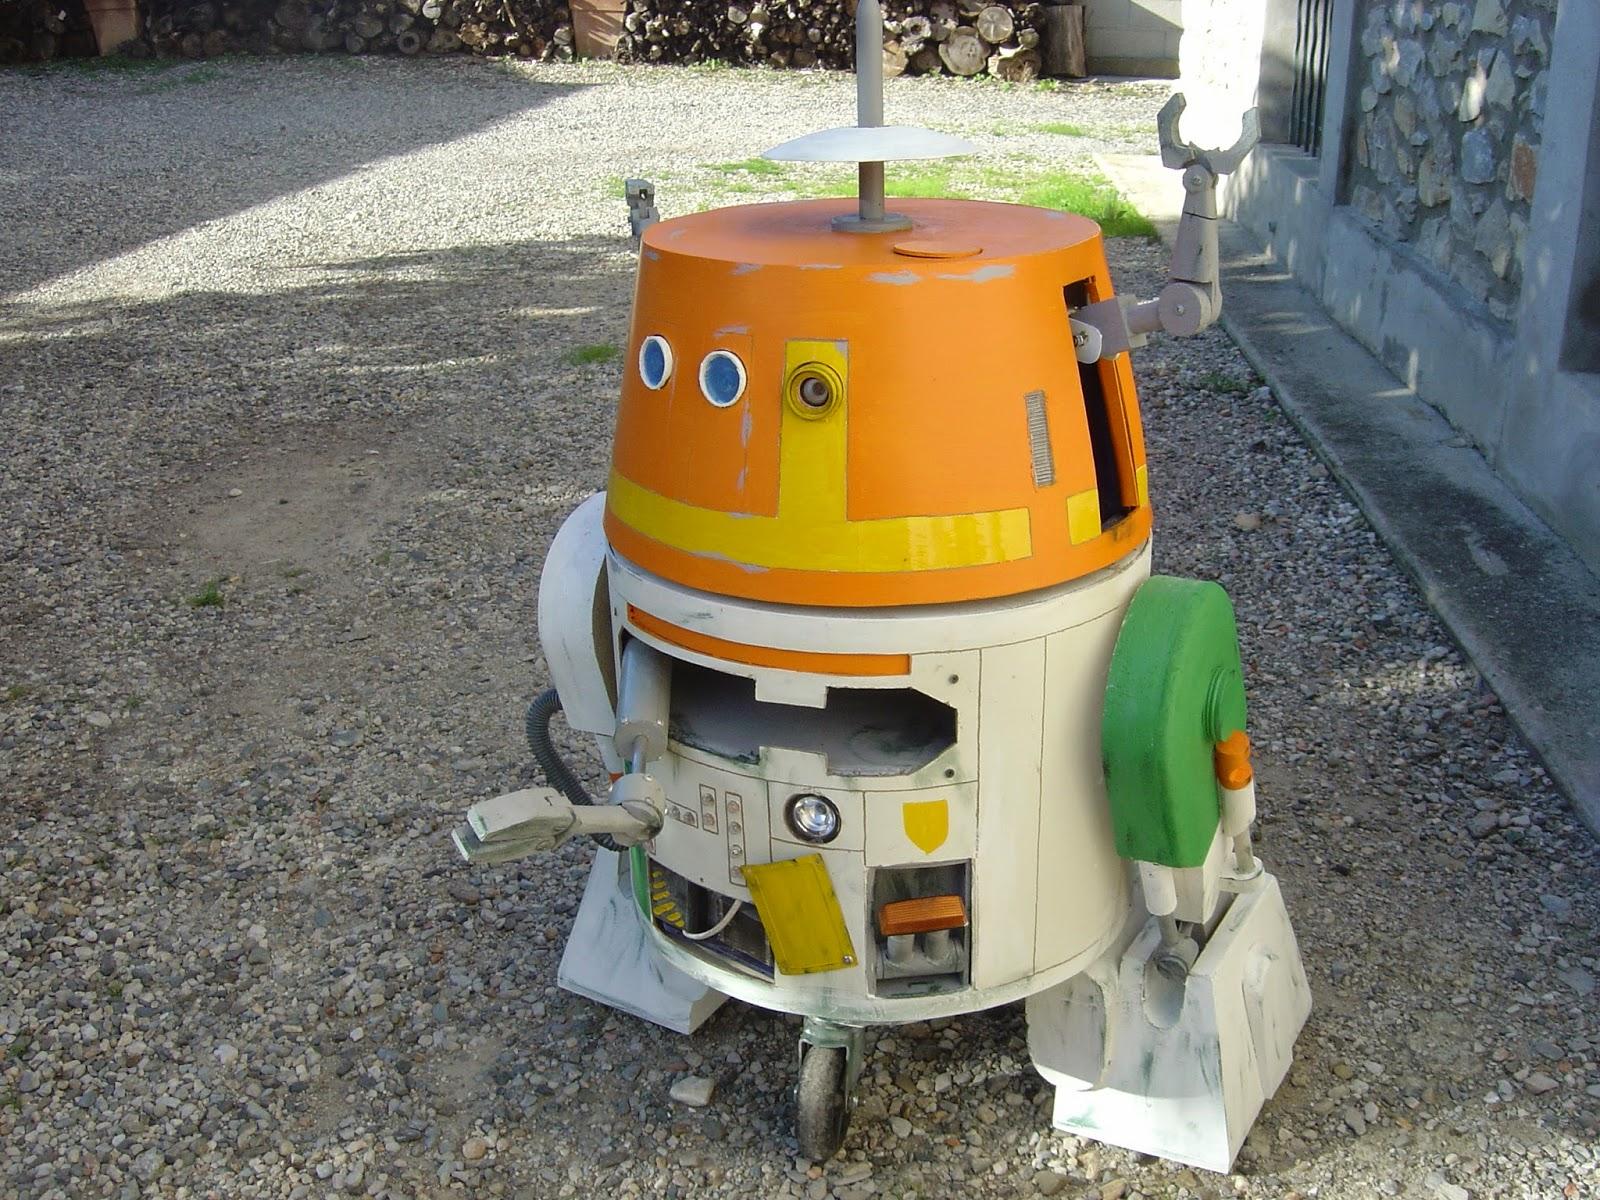 droid mécano C1 10P chopper